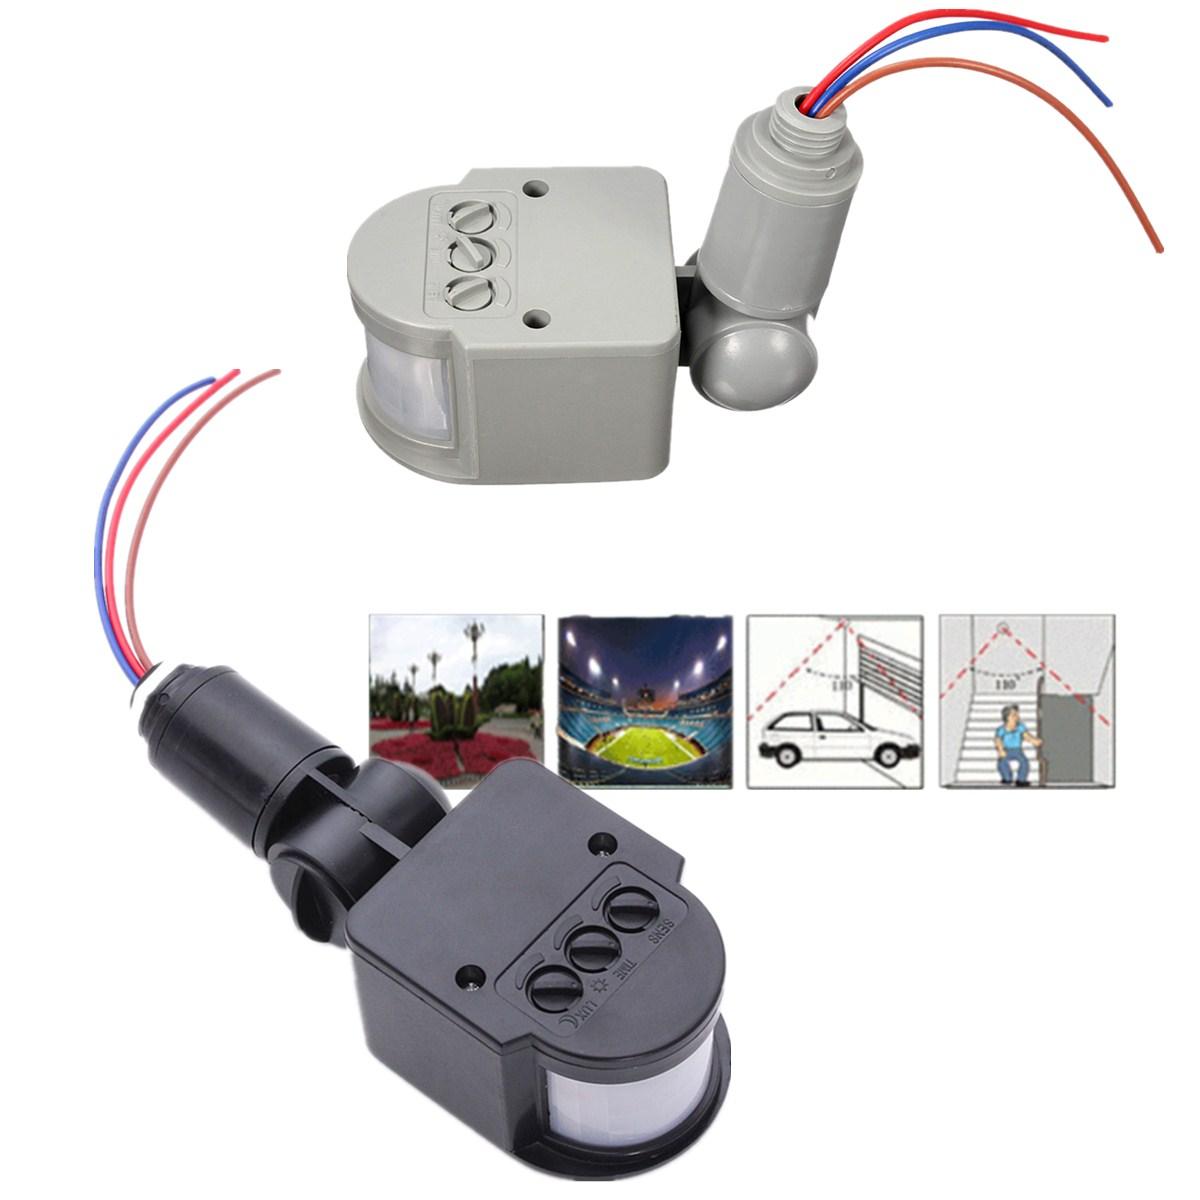 outside light pir wiring diagram guitar 1 humbucker 2 single coil 110v 240v led outdoor infrared motion sensor detector